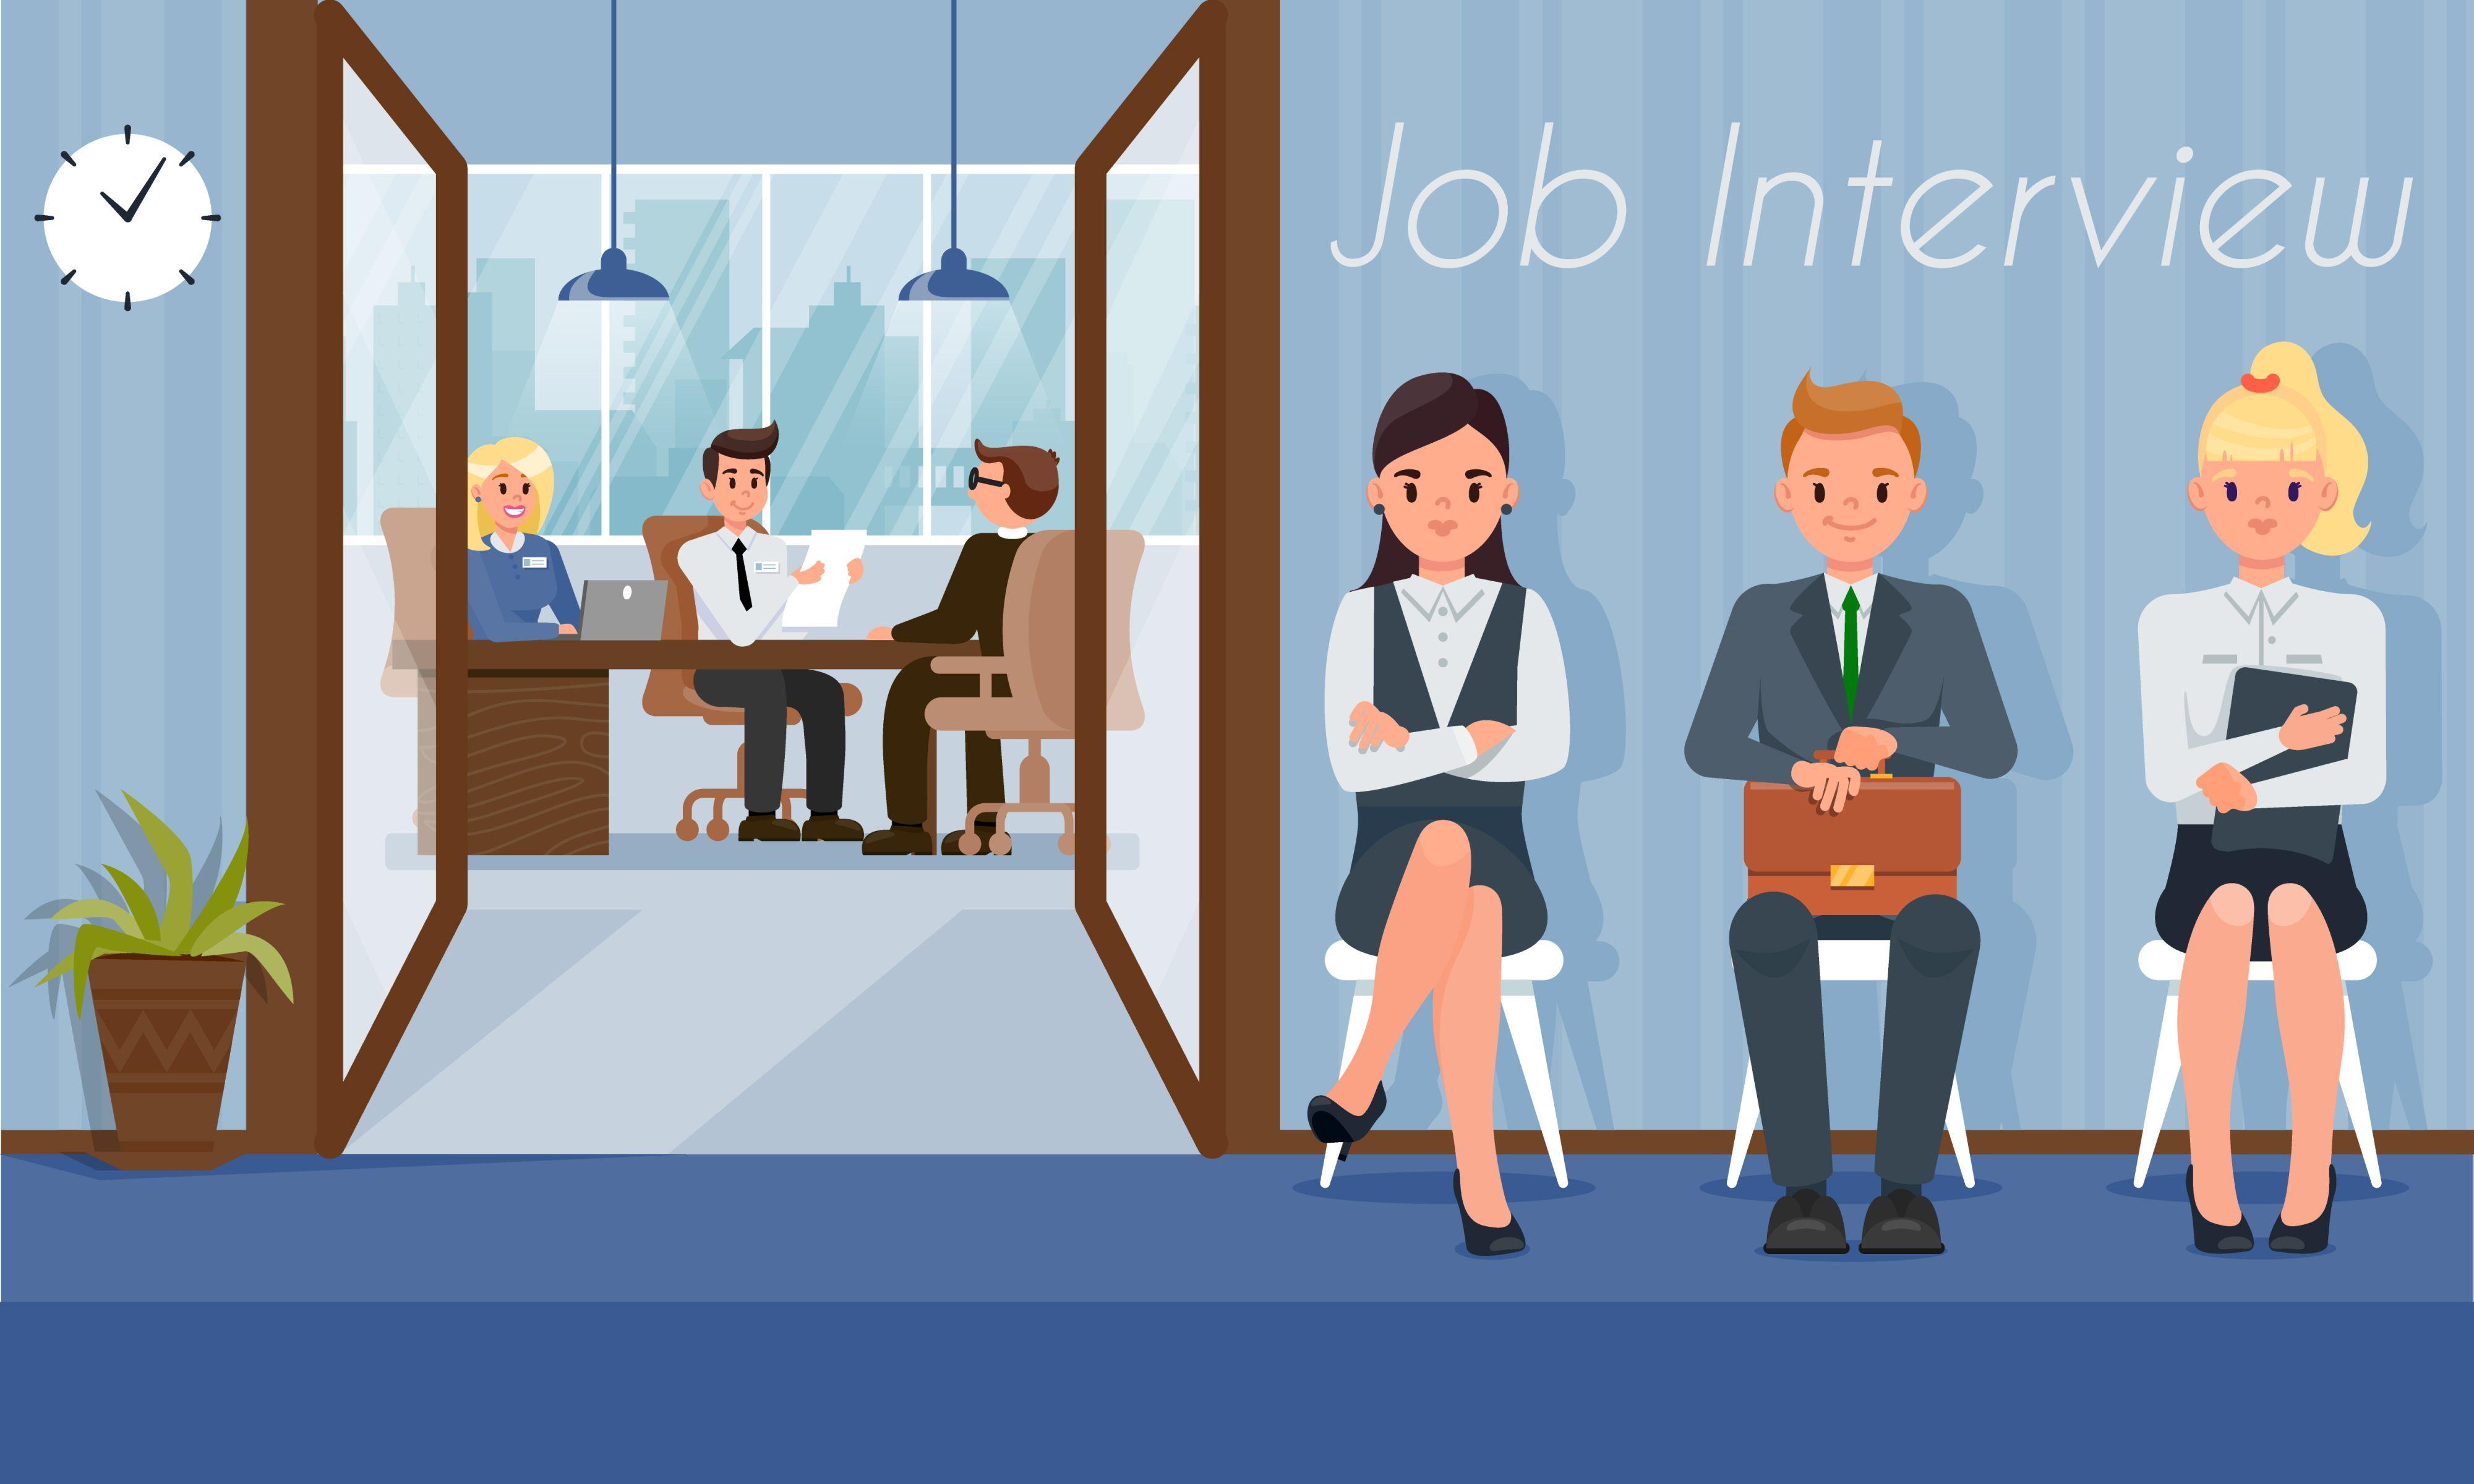 Rekrutacja jest procesem, który wpływa na realizację przez firmę jej celów i planów strategicznych (Fot. Shutterstock)